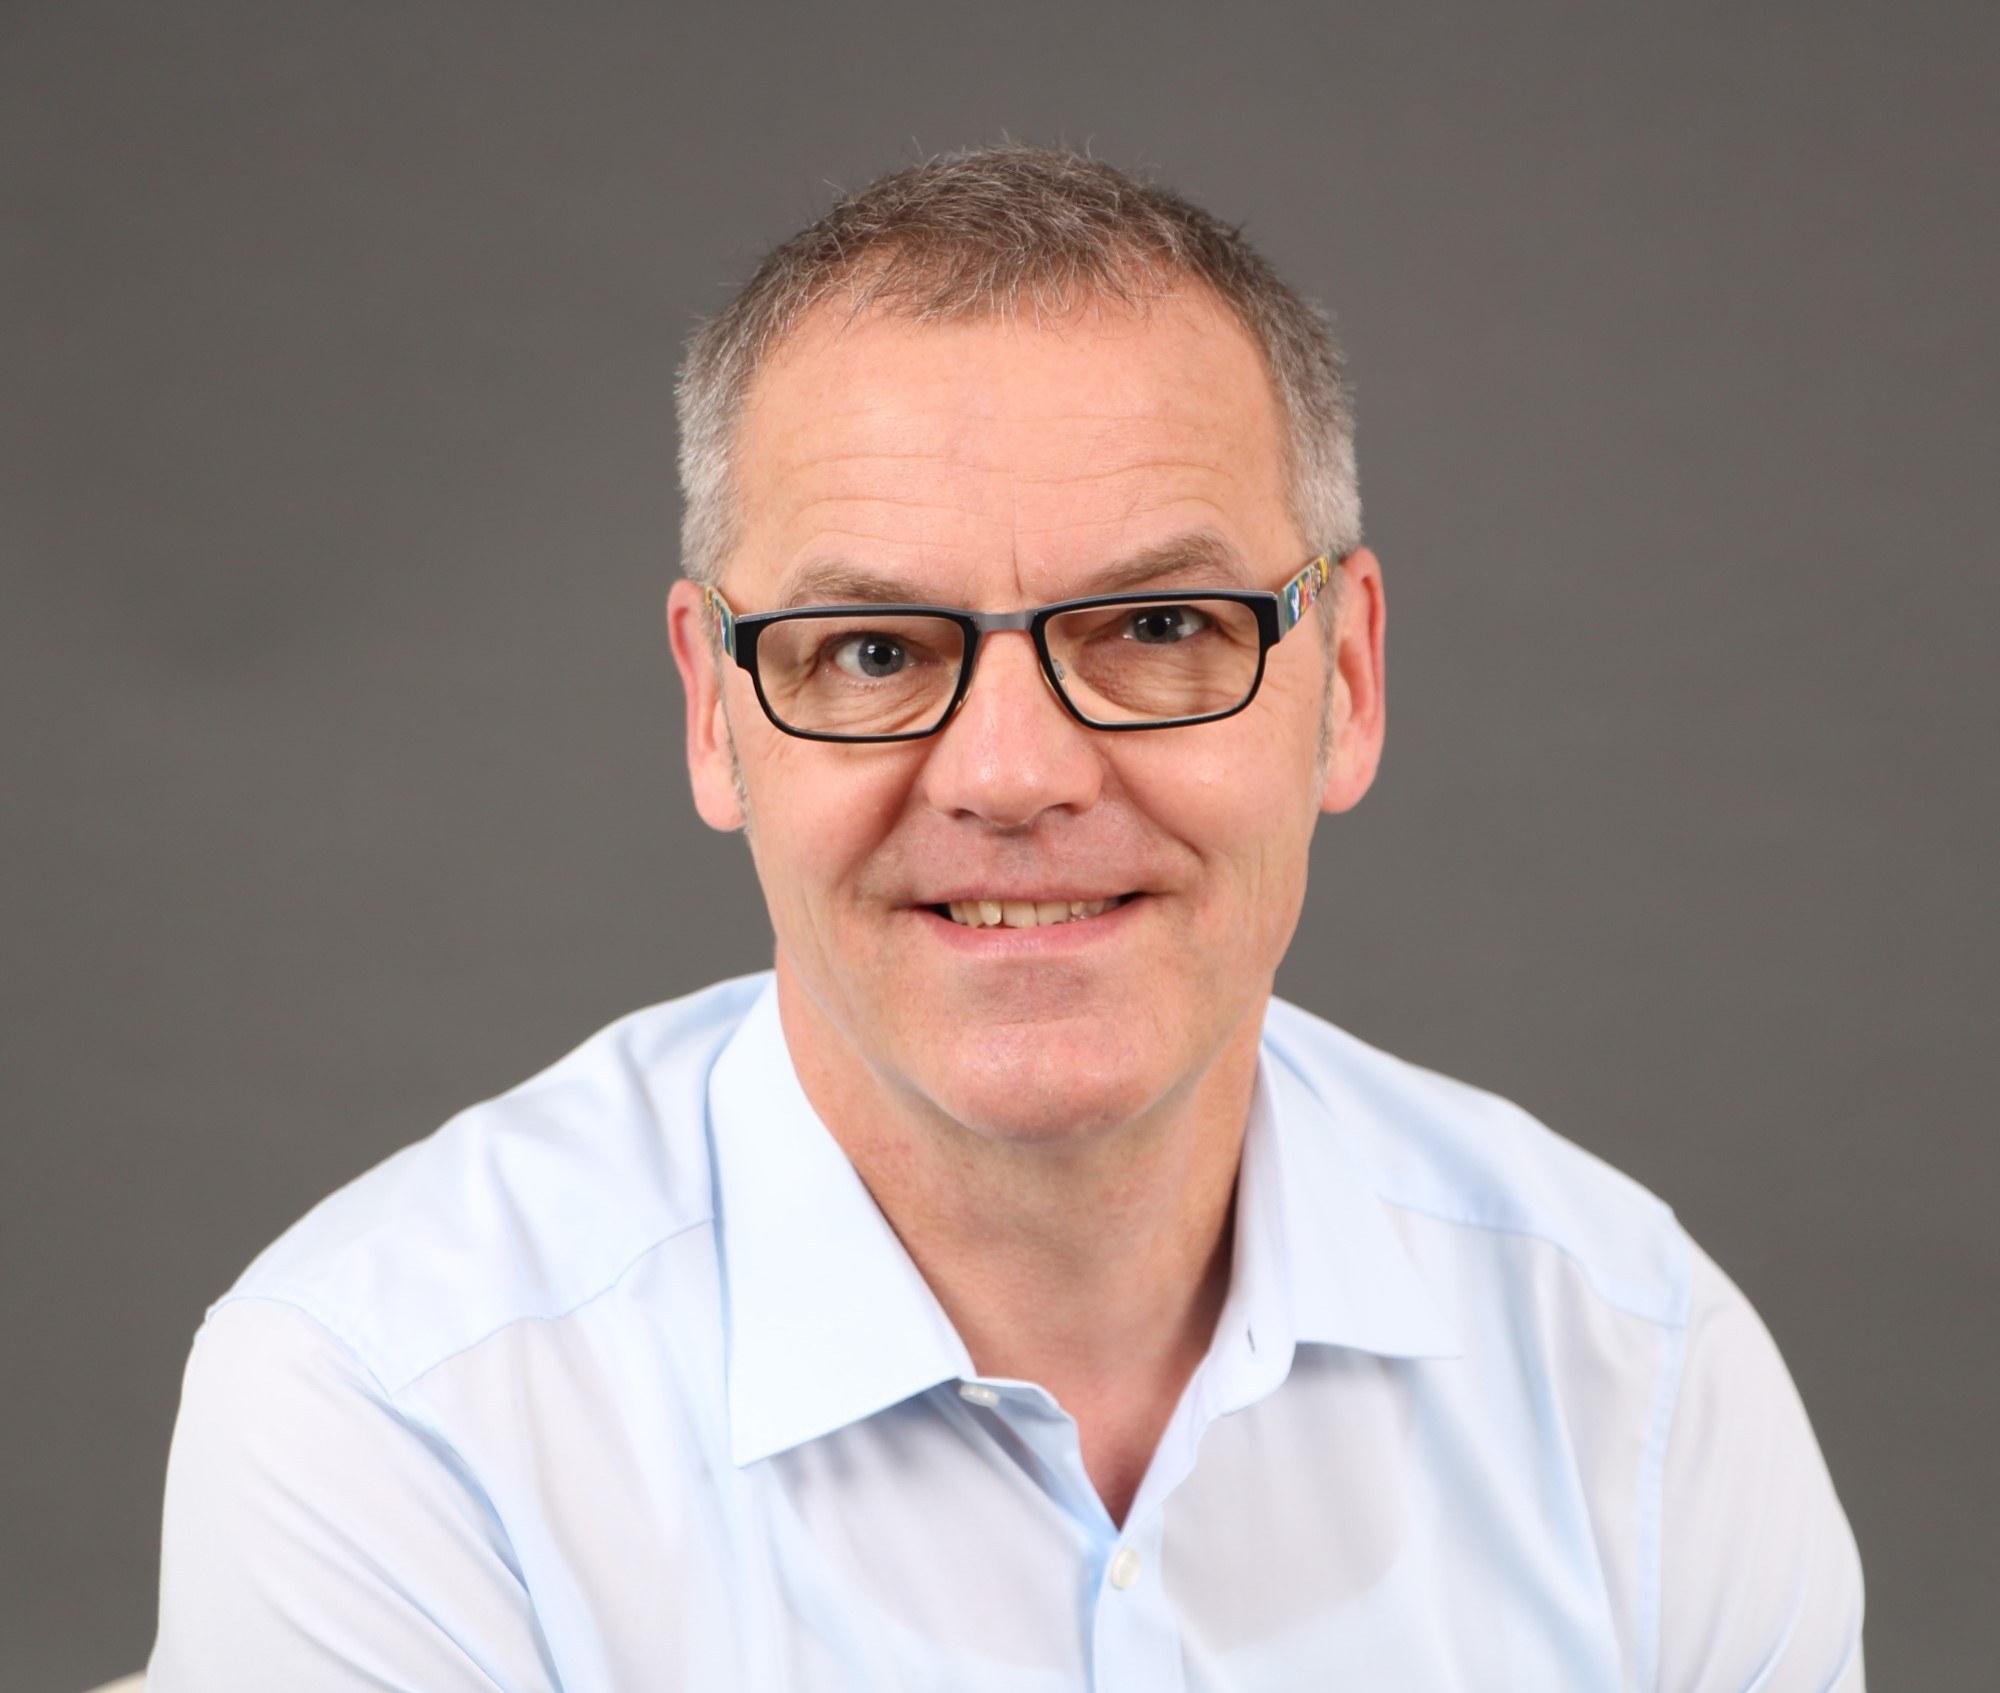 Christoph Morlo